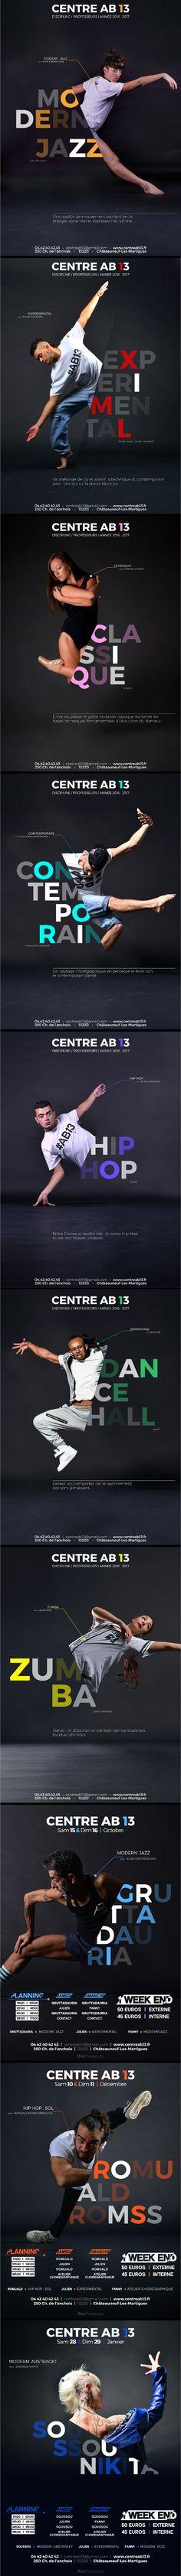 """CAMPAIGN Identité visuelle mise en place pour le """"CENTRE AB13"""" , École de danse située dans le sud de la France. #flyer #identité #visuelle #danse #dance #ecole #graphisme #campagne #collection #affiche #chorégraphe #école"""